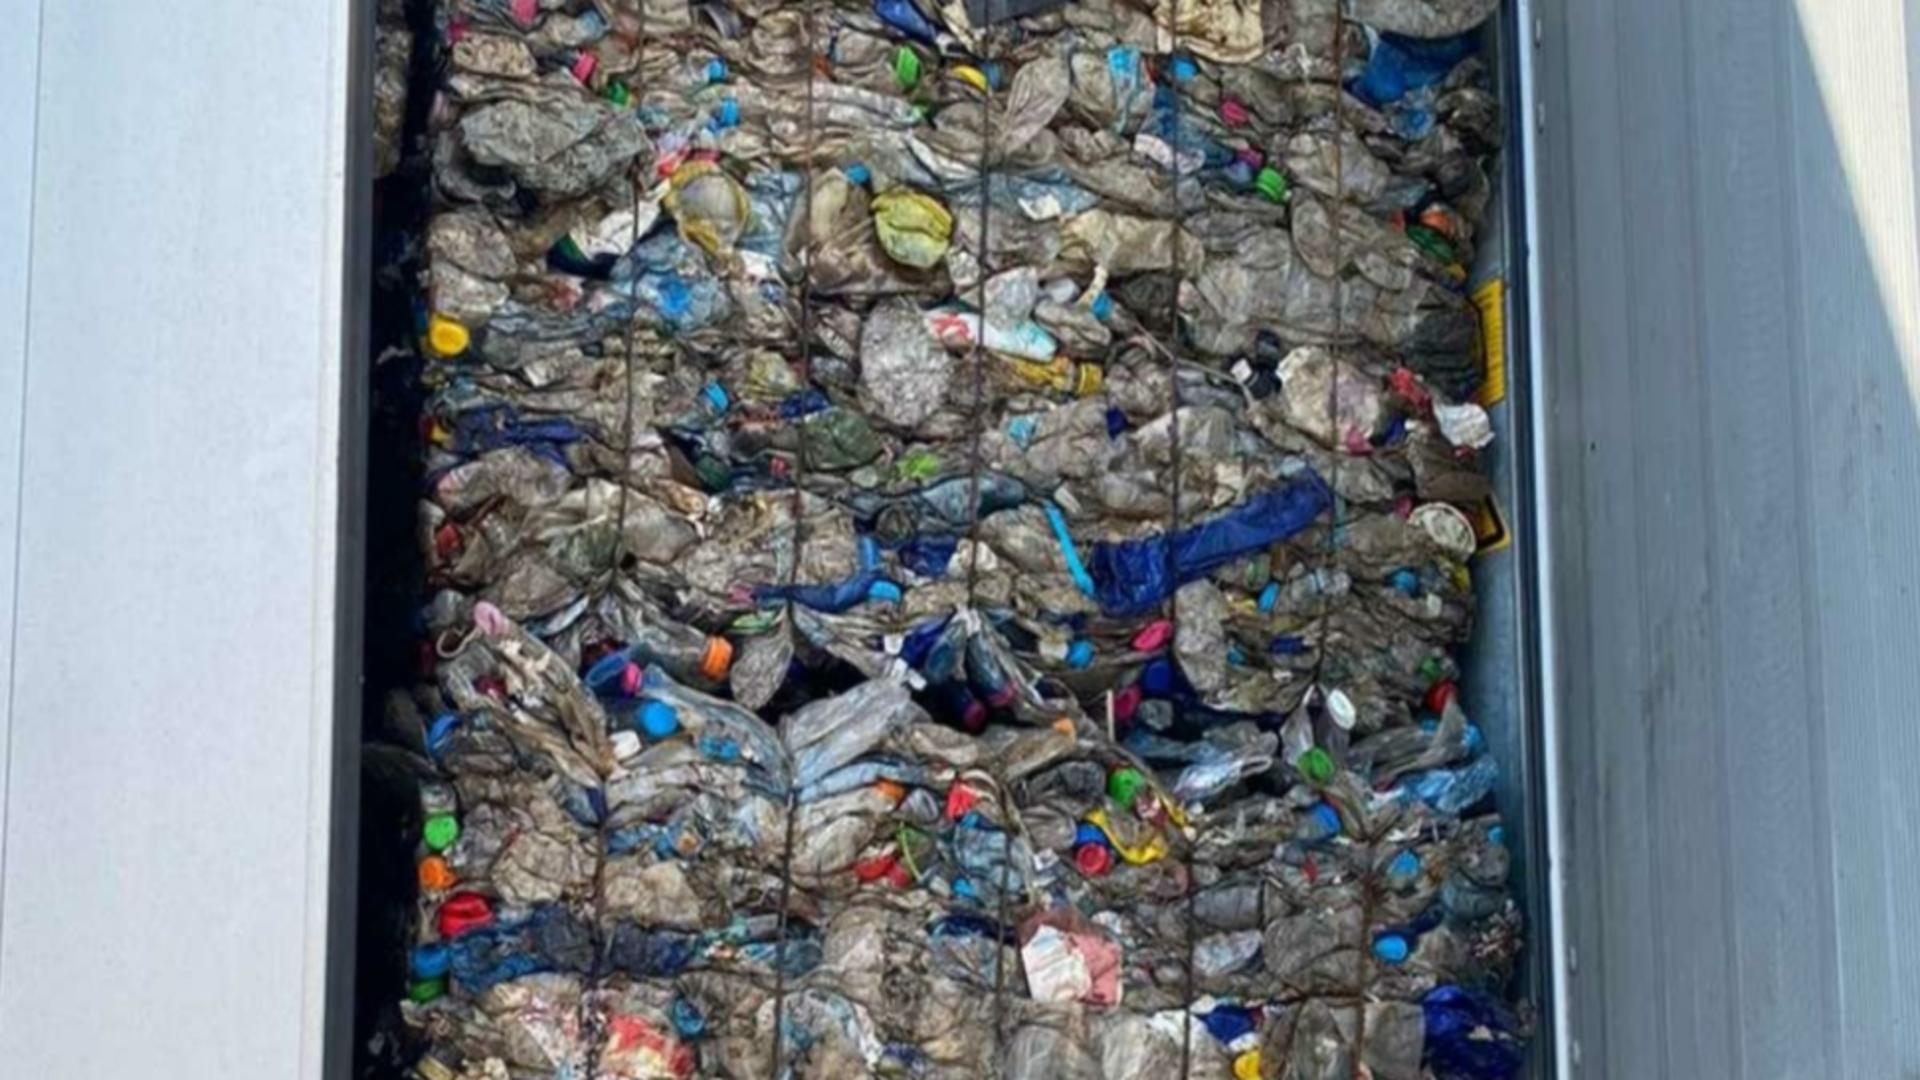 Peste 17 tone de deşeuri din plastic, oprite la Vama Giurgiu. Sursa foto: Politia de Frontiera Romania